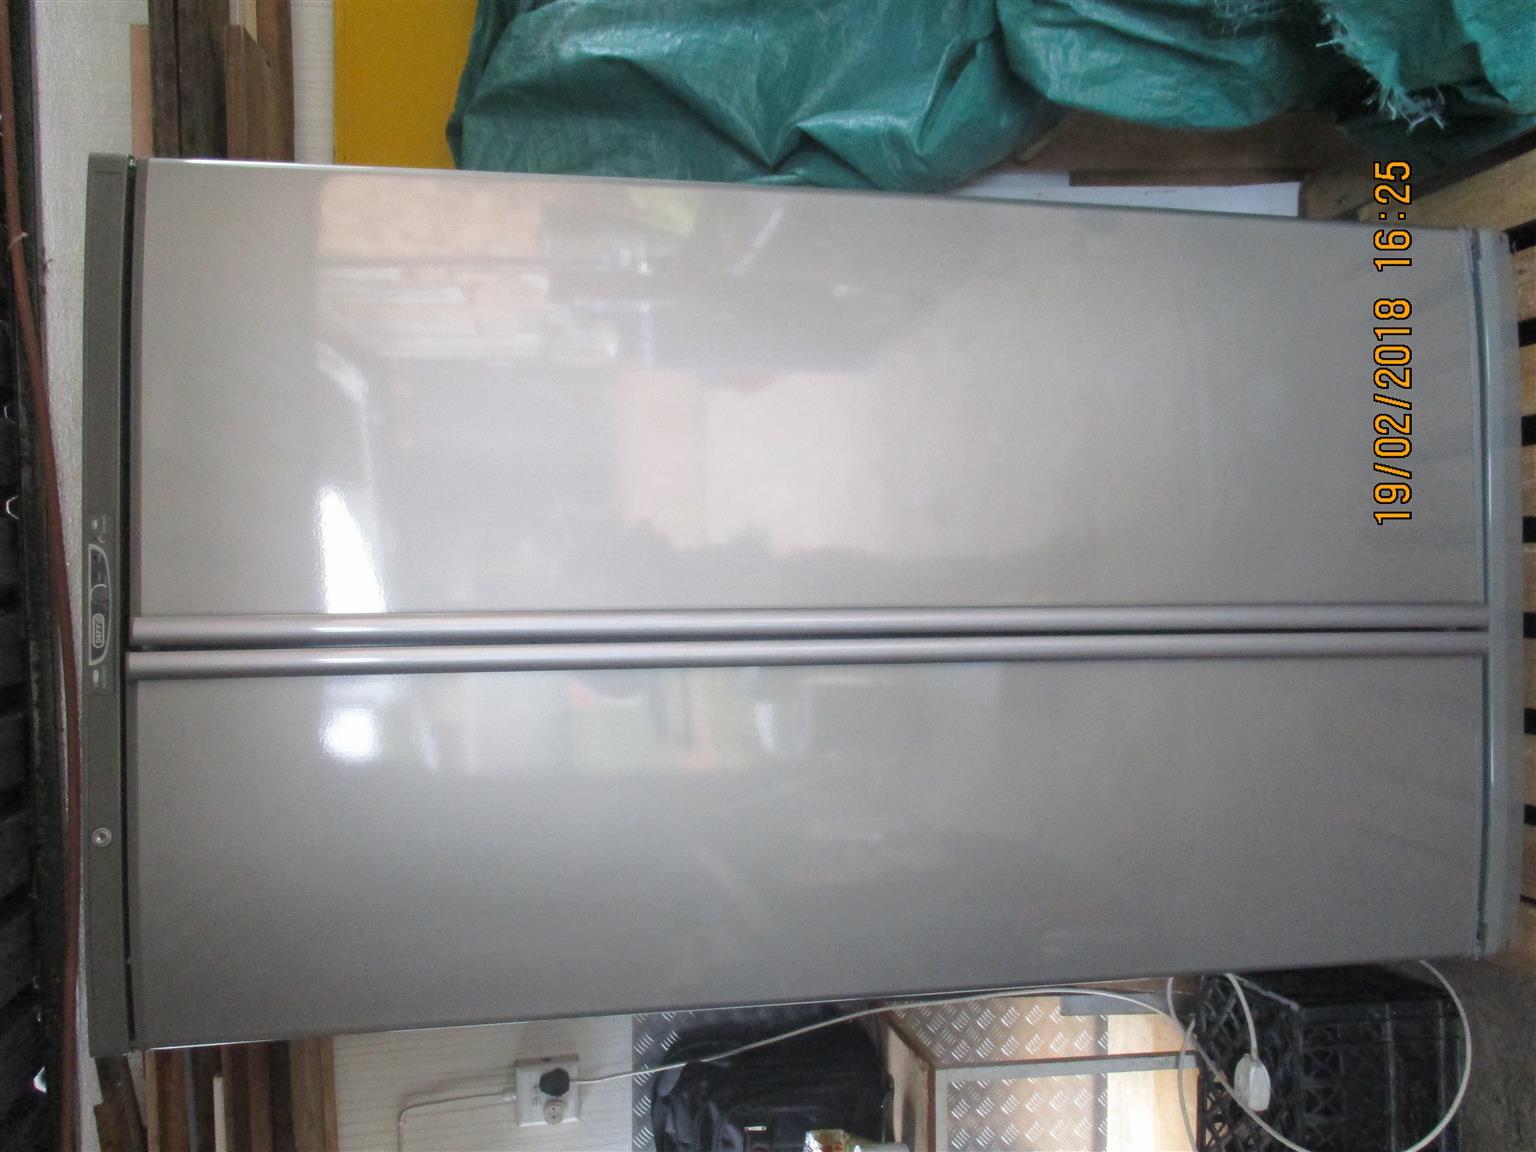 Defy Double Door Fridge/ Freezer